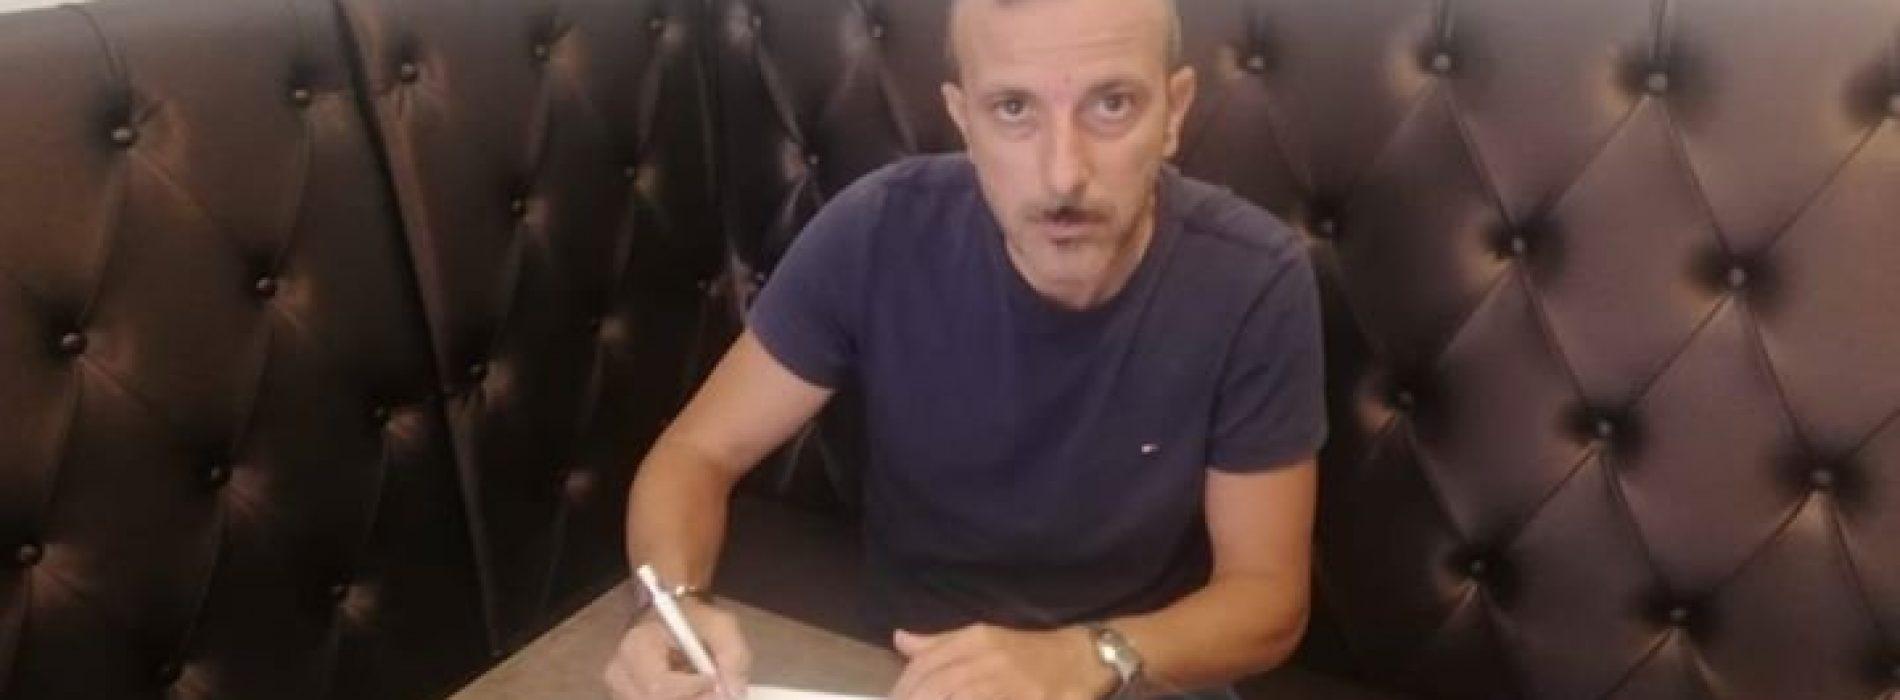 """Farruggio Sliema Wanderers: """"Iniziato un progetto di affiliazione con l'Italia, coinvolto anche Enzo Raiola"""" – ESCLUSIVA EC"""